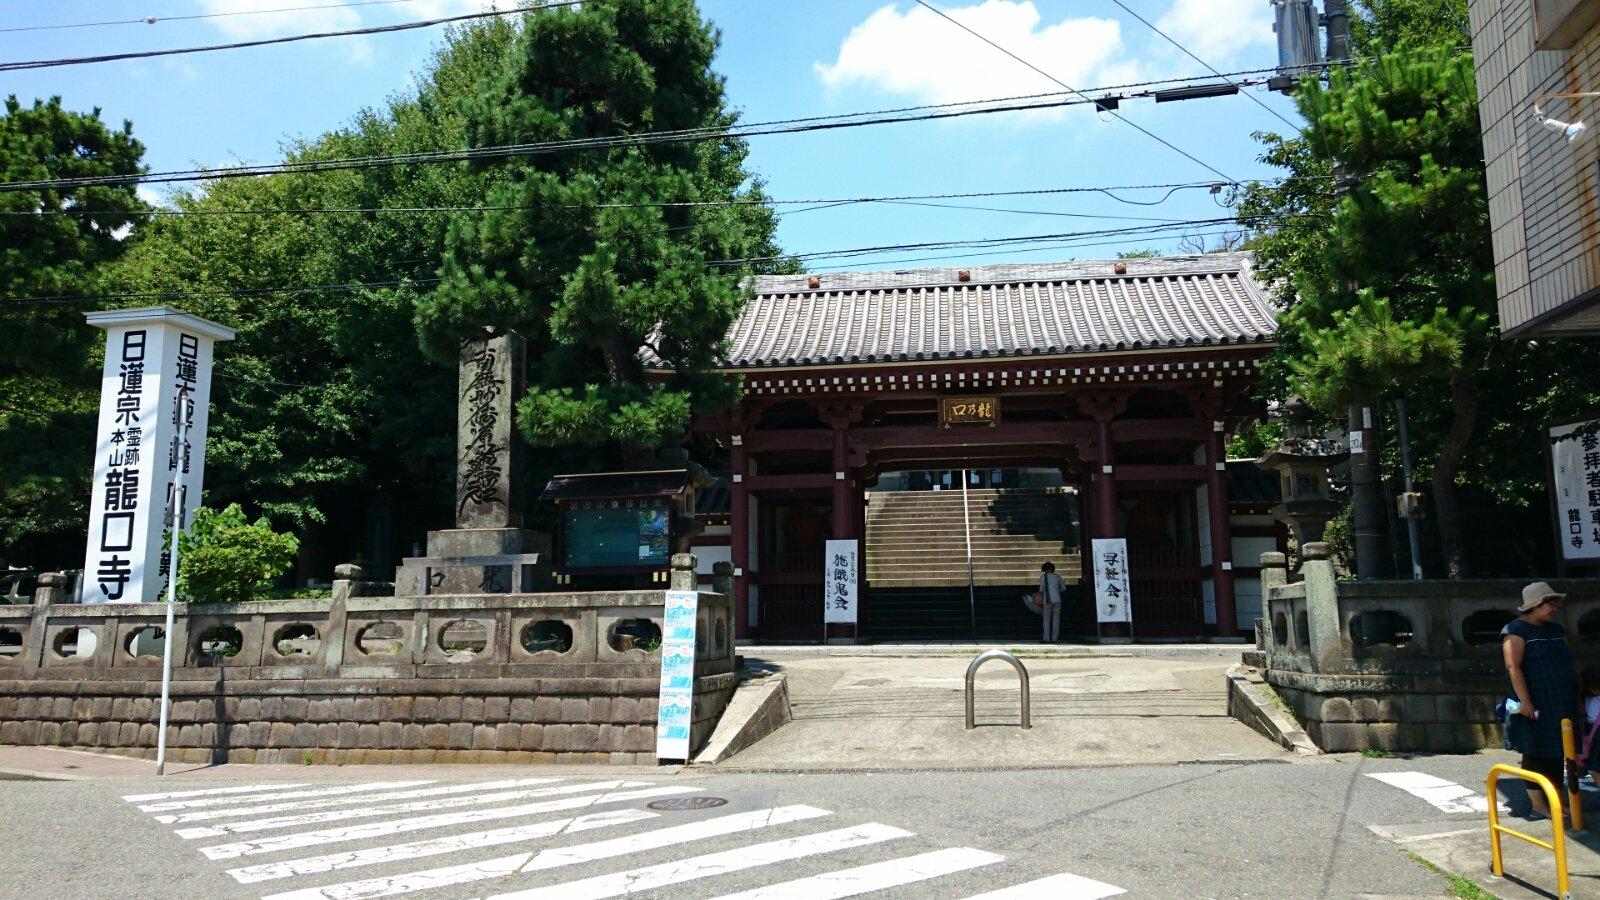 うさ姉の御朱印めぐり ( ω ) : 日蓮宗本山 龍口寺に行ってみた♪